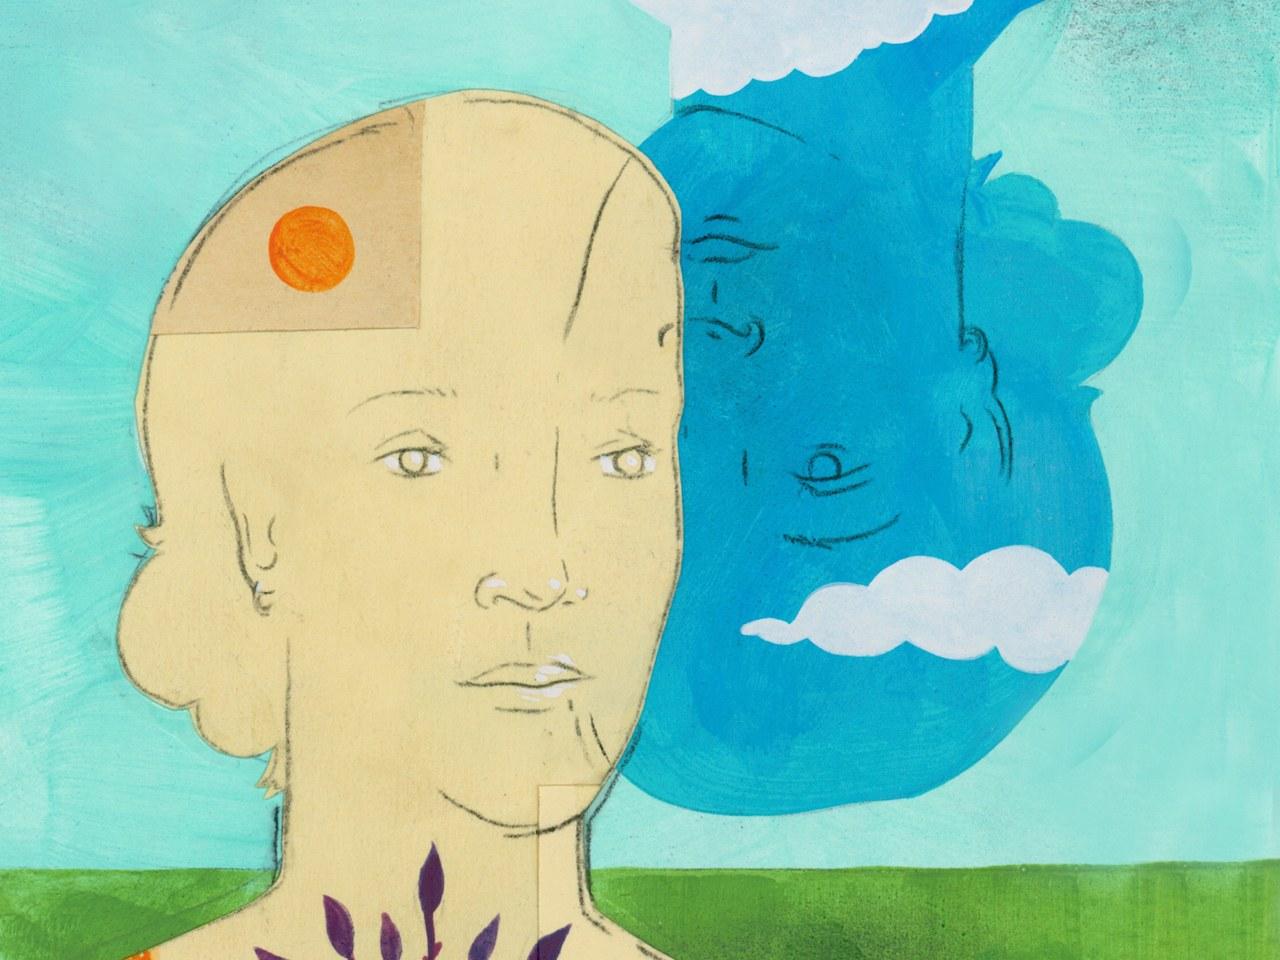 Биполярочка - что это такое? описание, симптомы, лечение - psychbook.ru